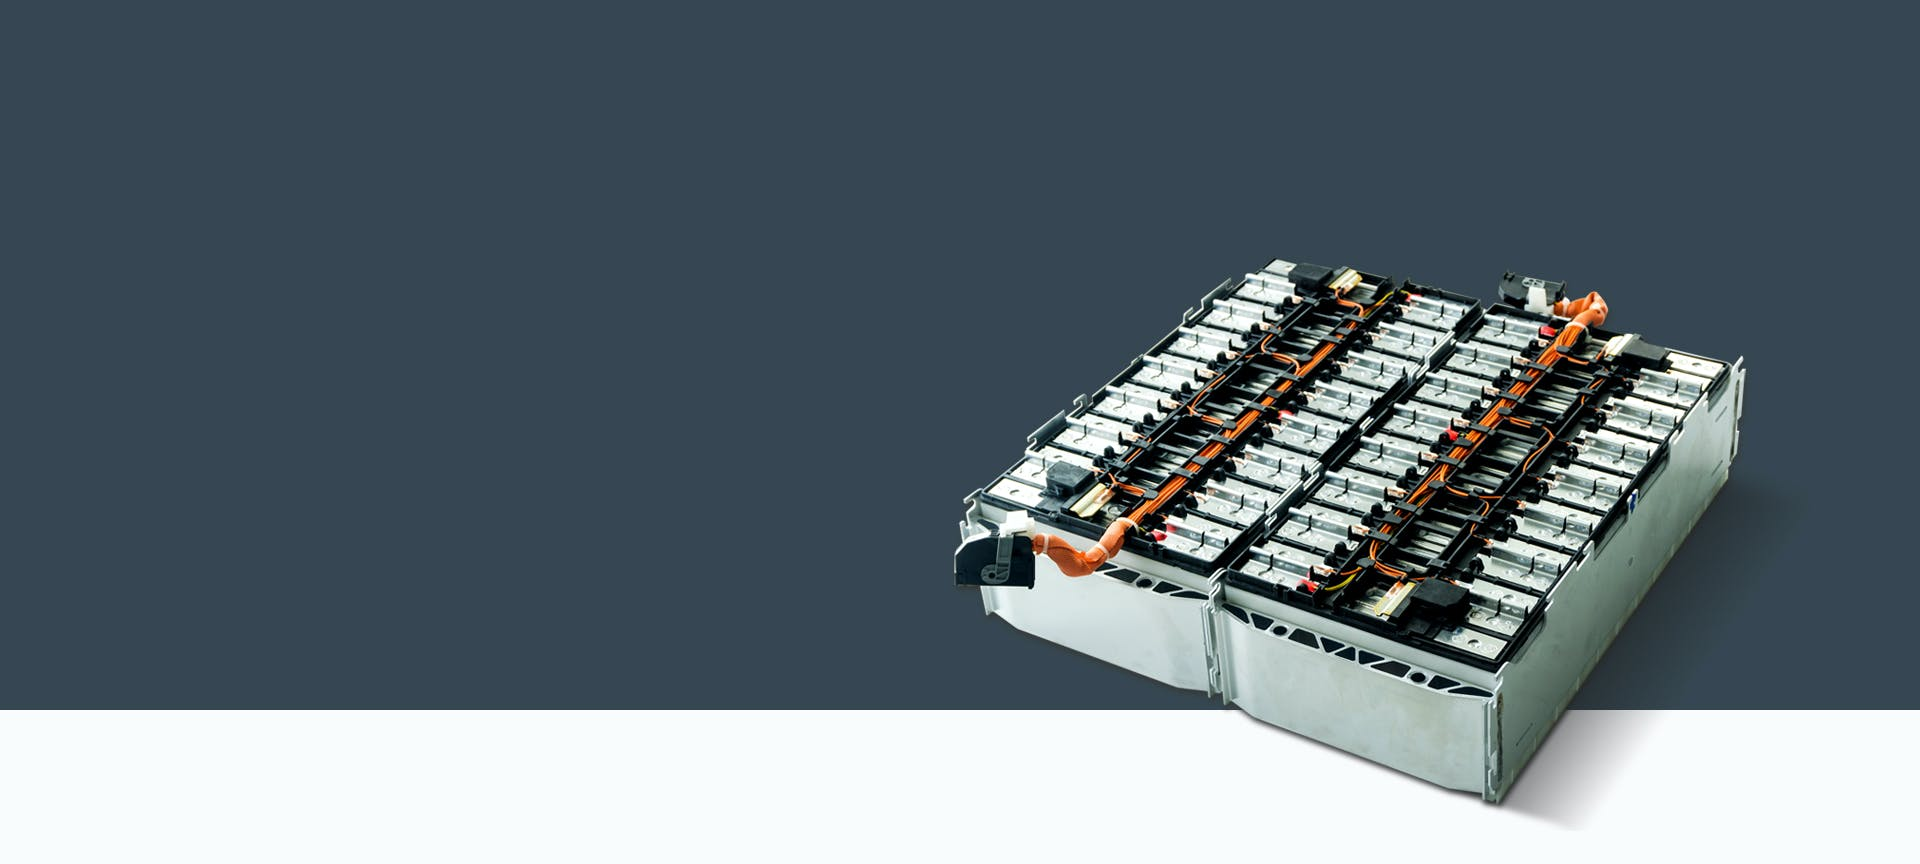 Ein Batteriekasten für Elektrofahrzeuge auf grauem Hintergrund.